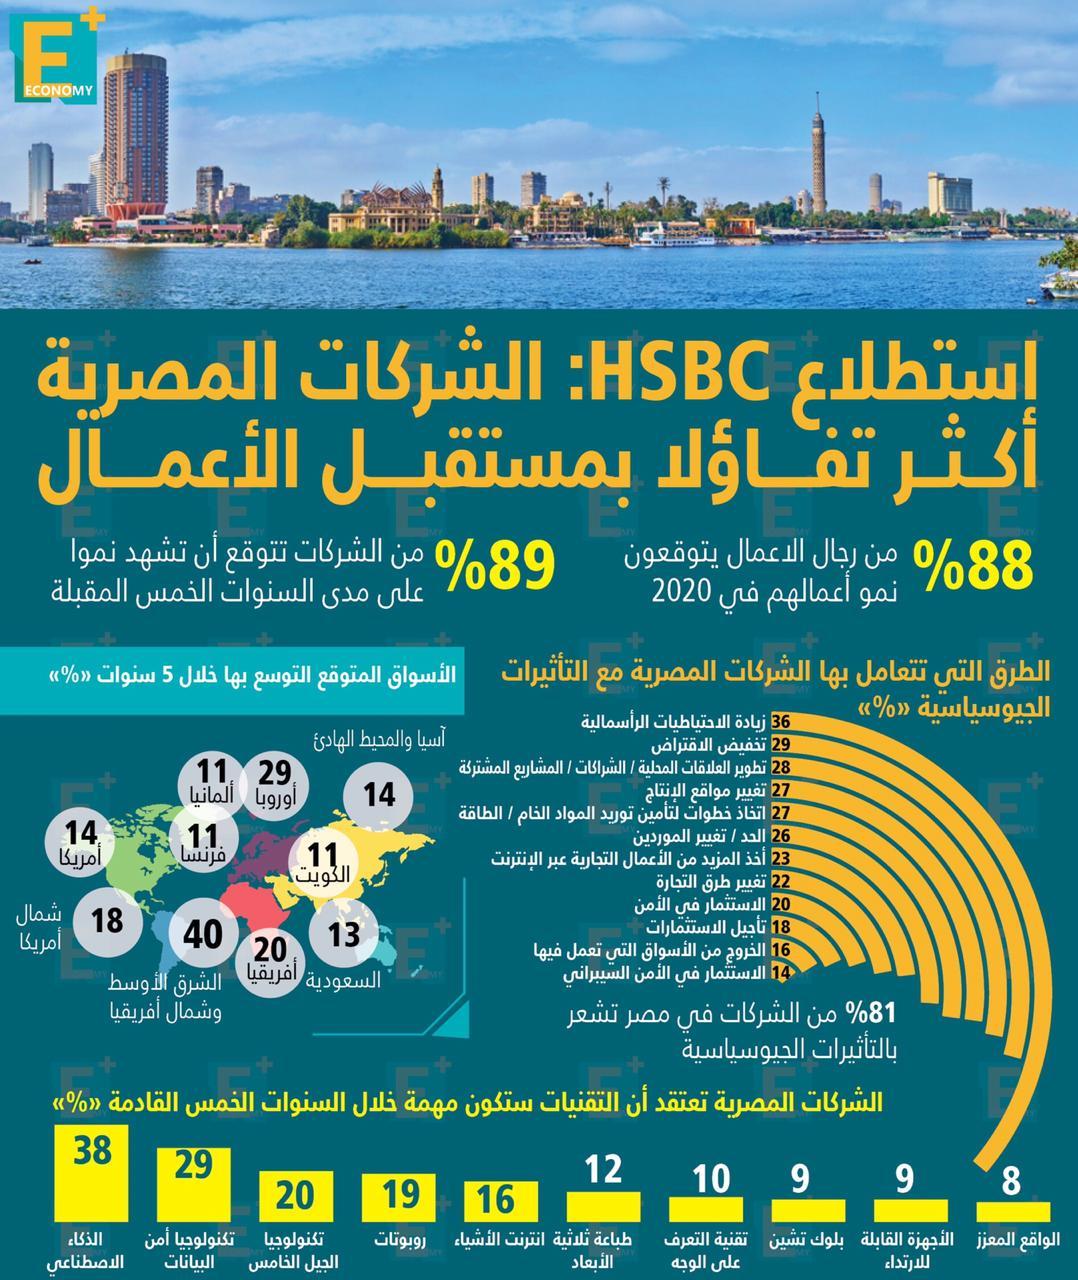 استطلاع HSBC: الشركات المصرية أكثر تفاؤلًا بمستقبل الأعمال